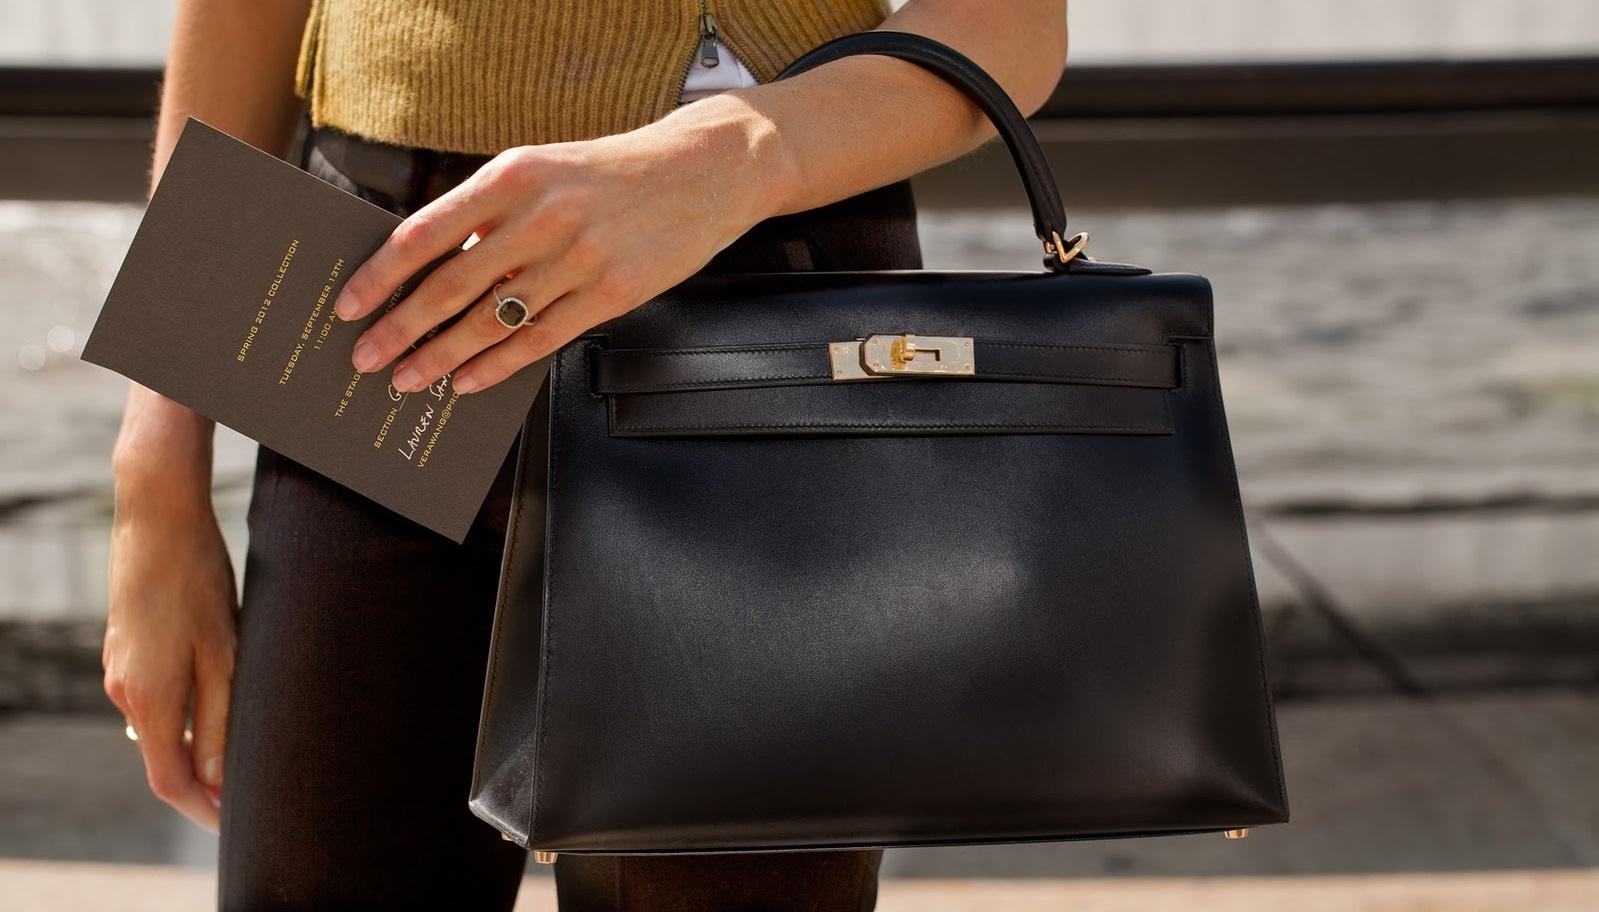 cf24ce5c27 Sai riconoscere una borsa Hermes originale da un falso? [TEST ...